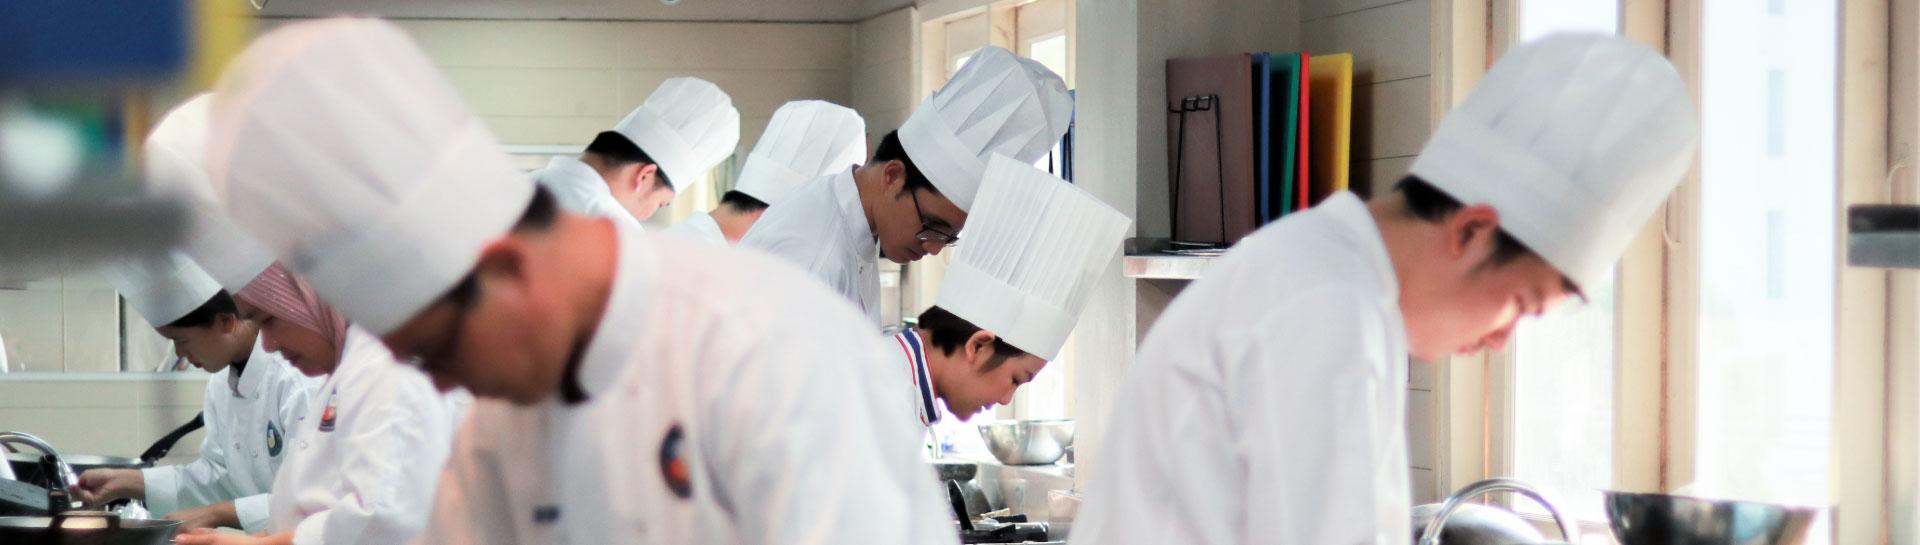 MSC Cooking School